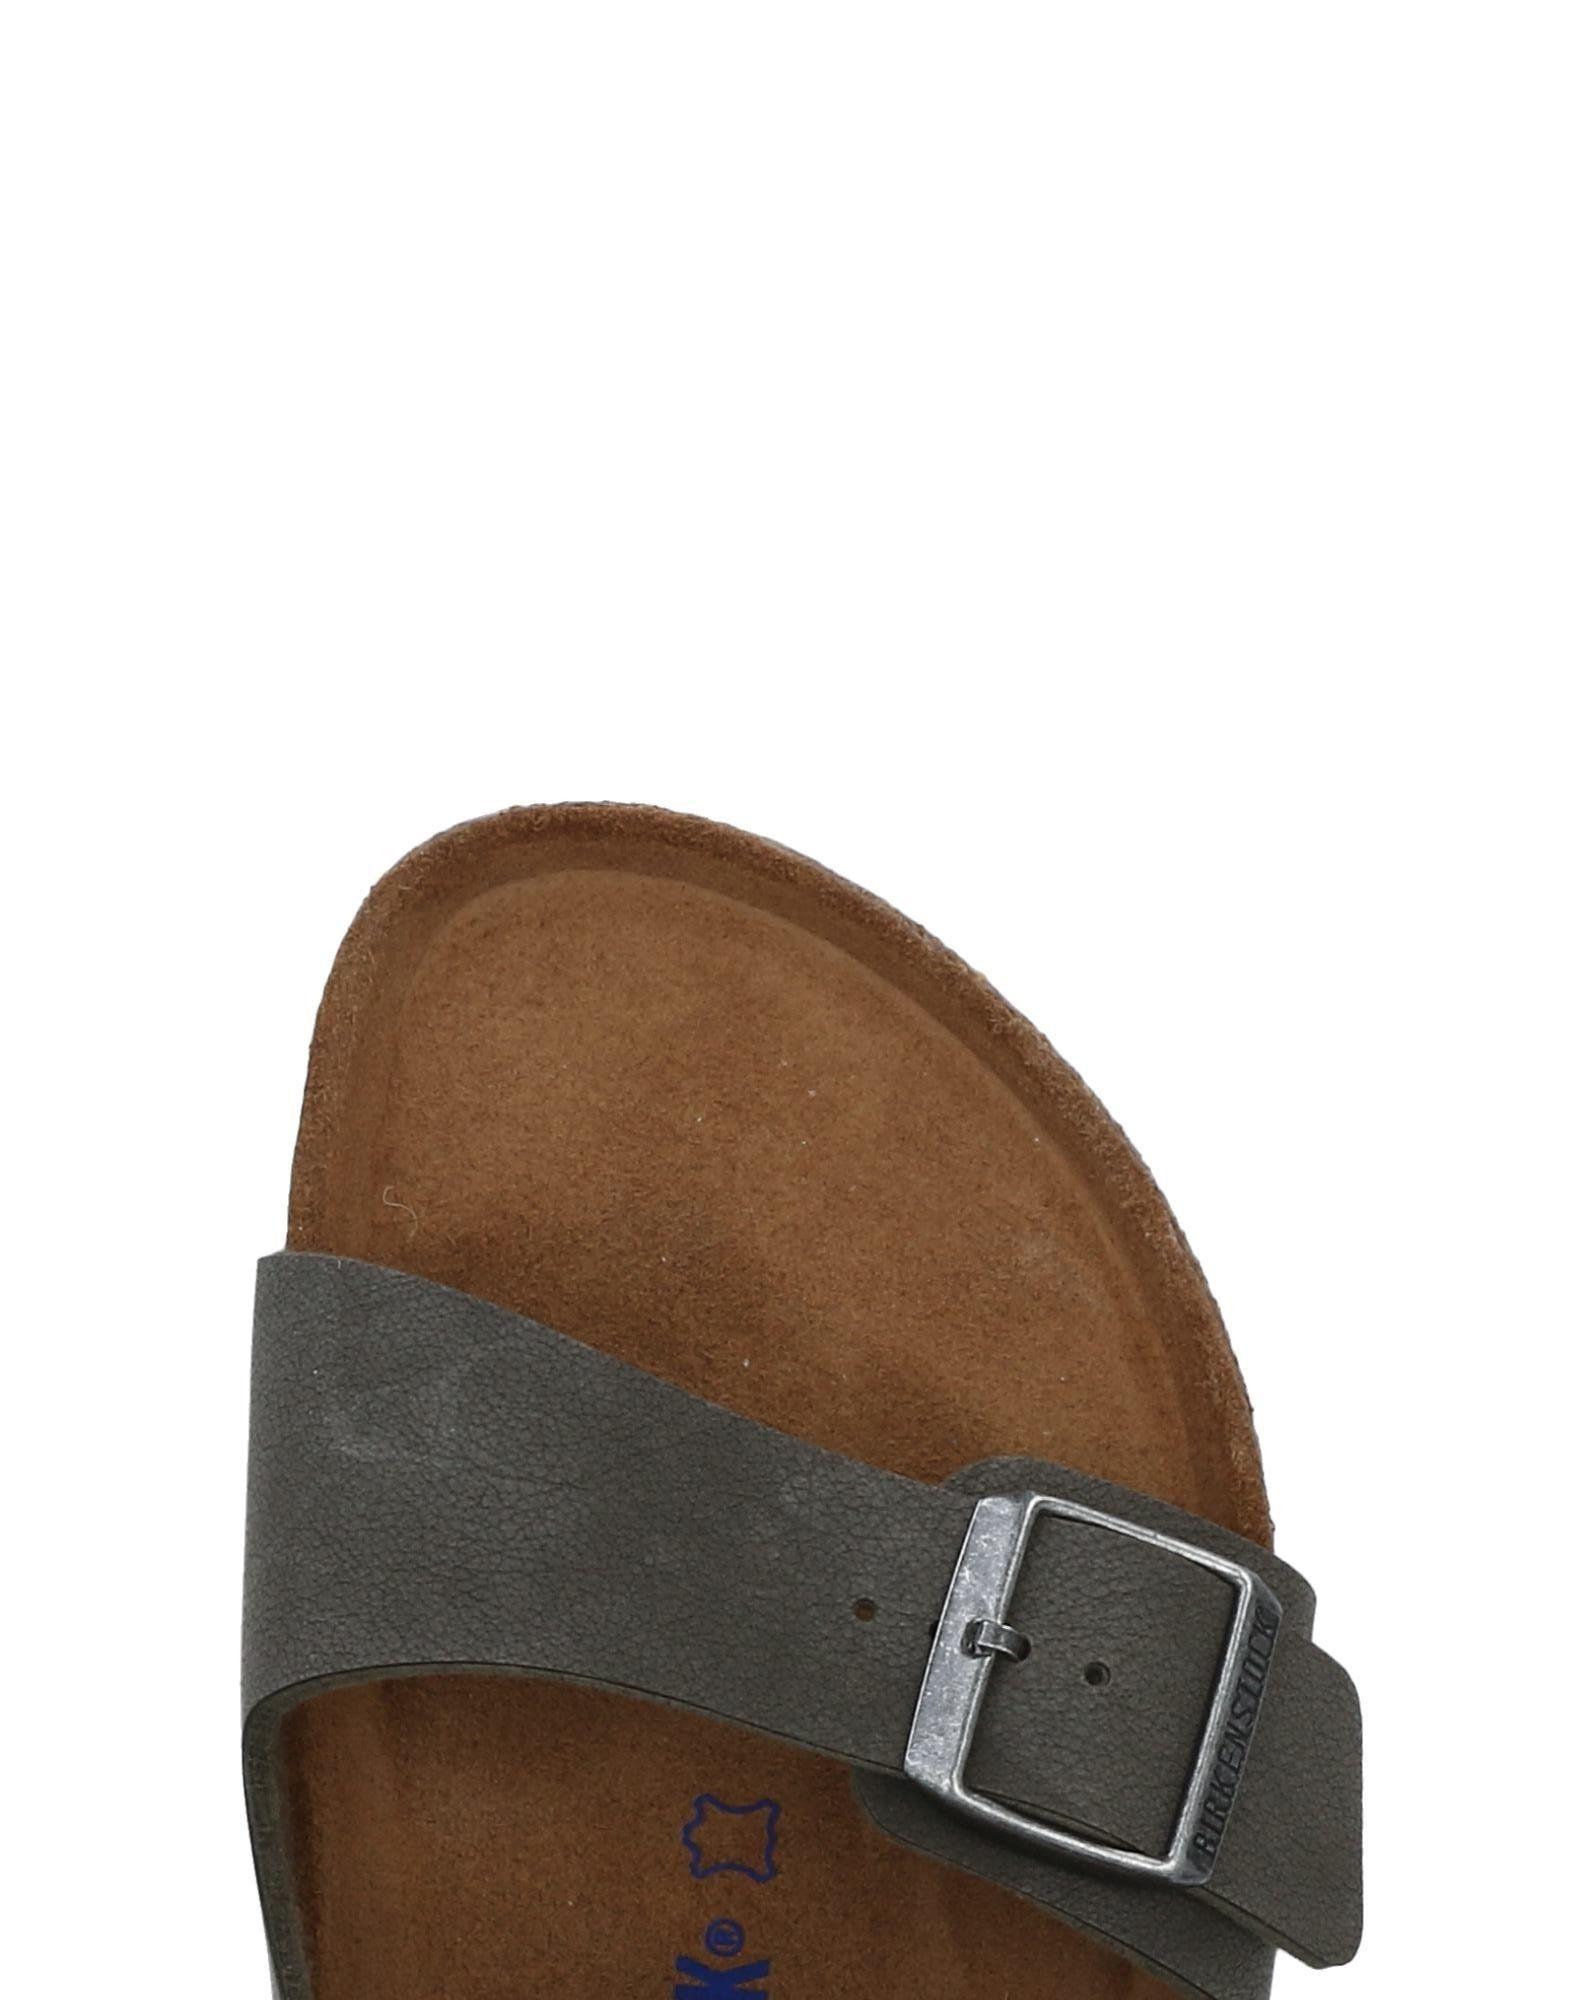 Birkenstock Sandalen Sandalen Birkenstock Herren  11446644WP Heiße Schuhe 5f731b